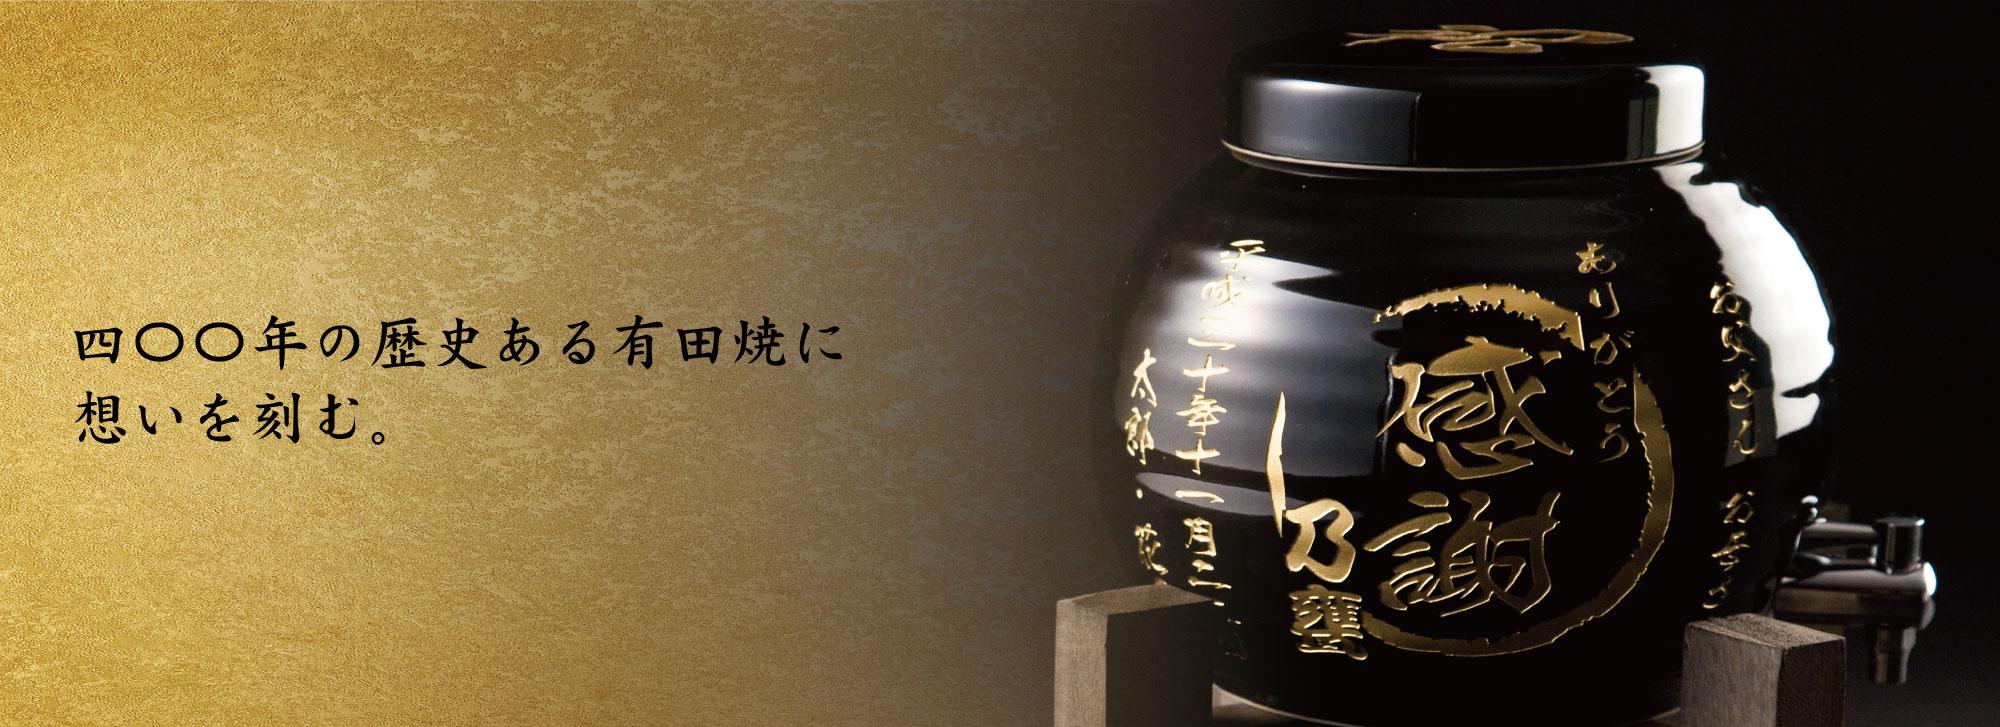 四〇〇年の歴史ある有田焼に想いを刻む。